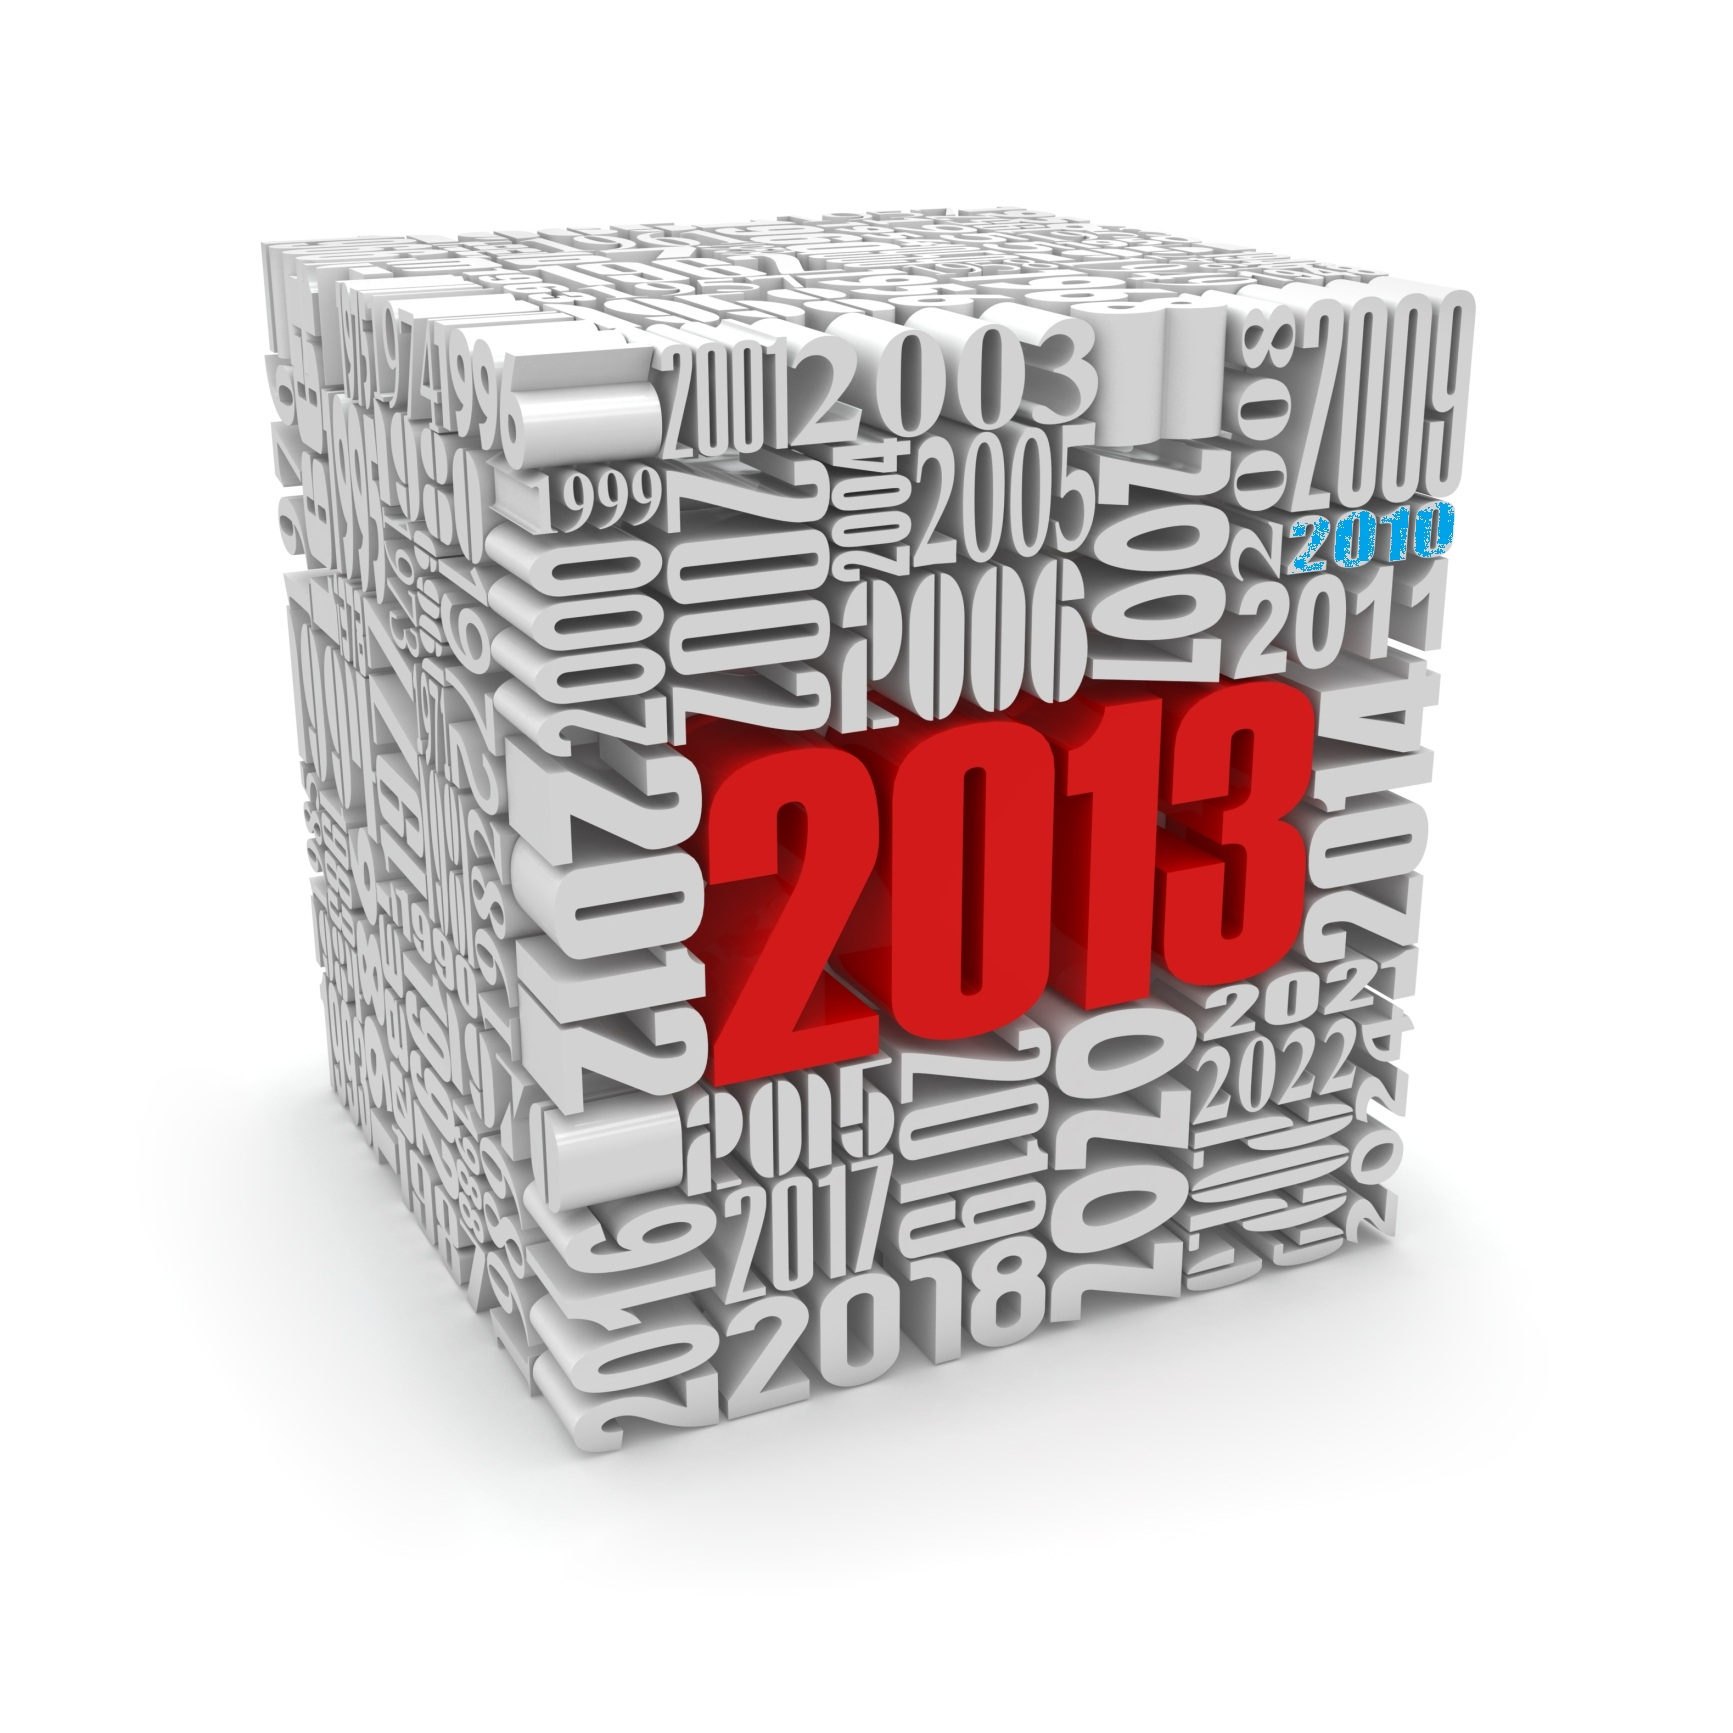 2013 - Copia